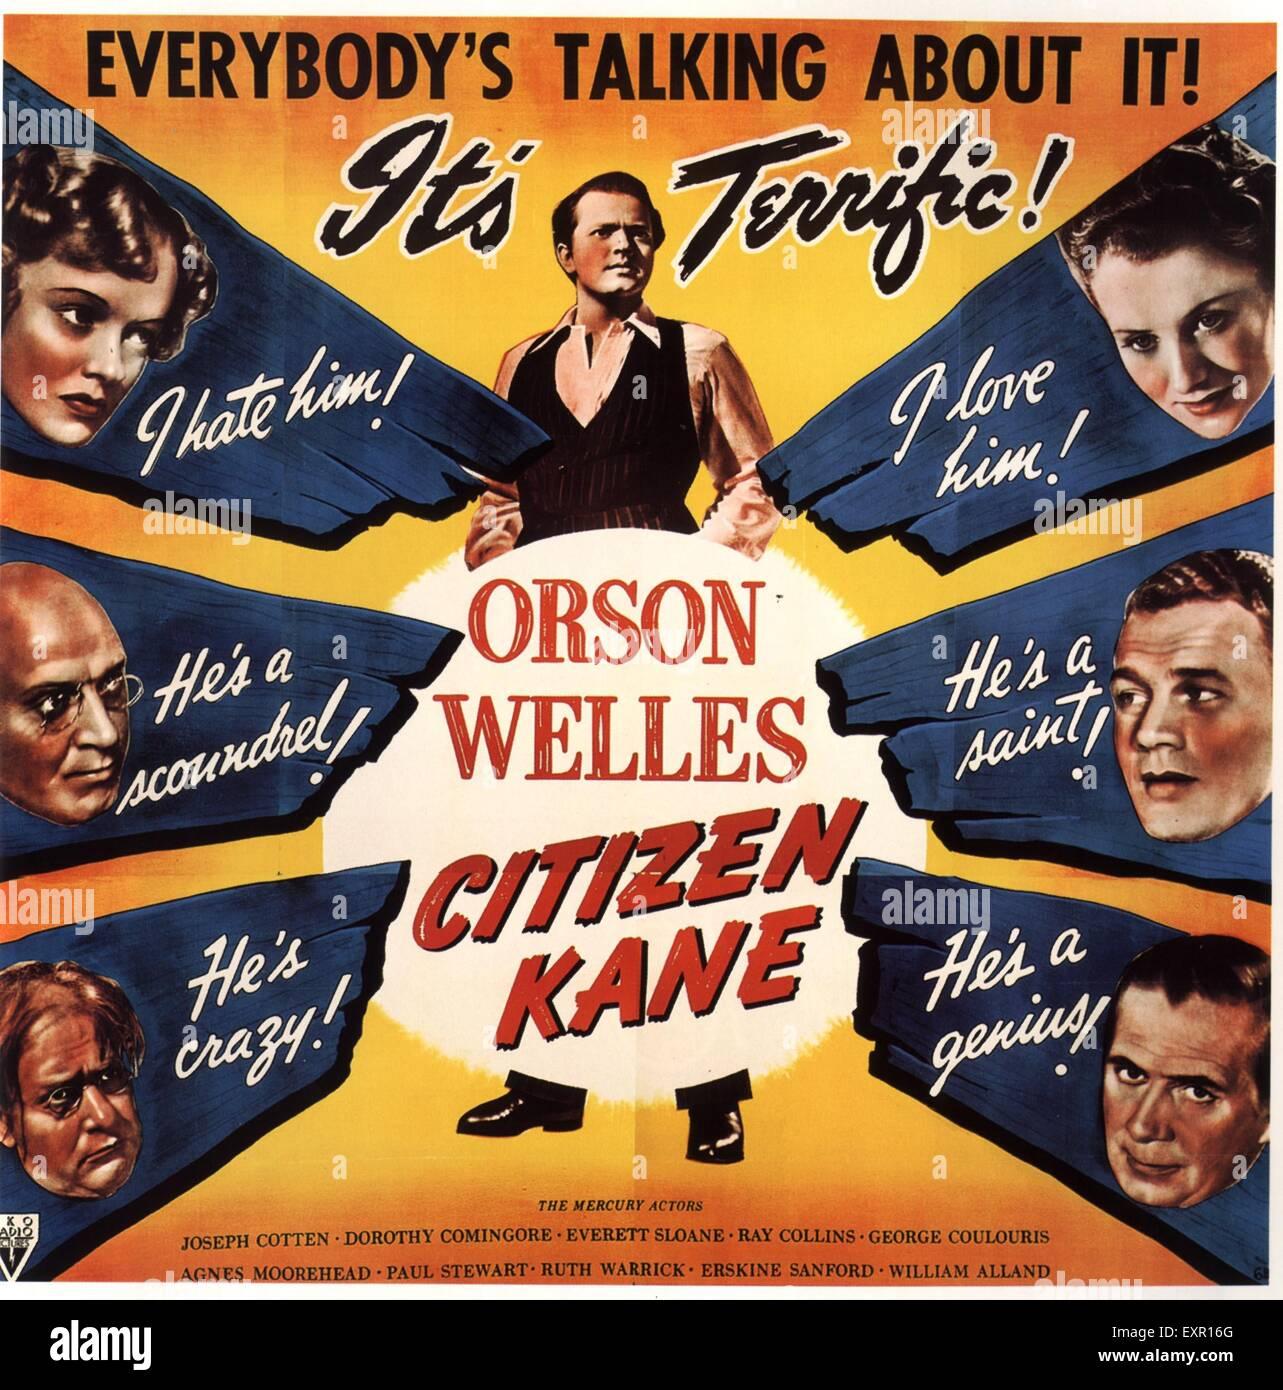 [Image: 1940s-usa-citizen-kane-film-poster-EXR16G.jpg]